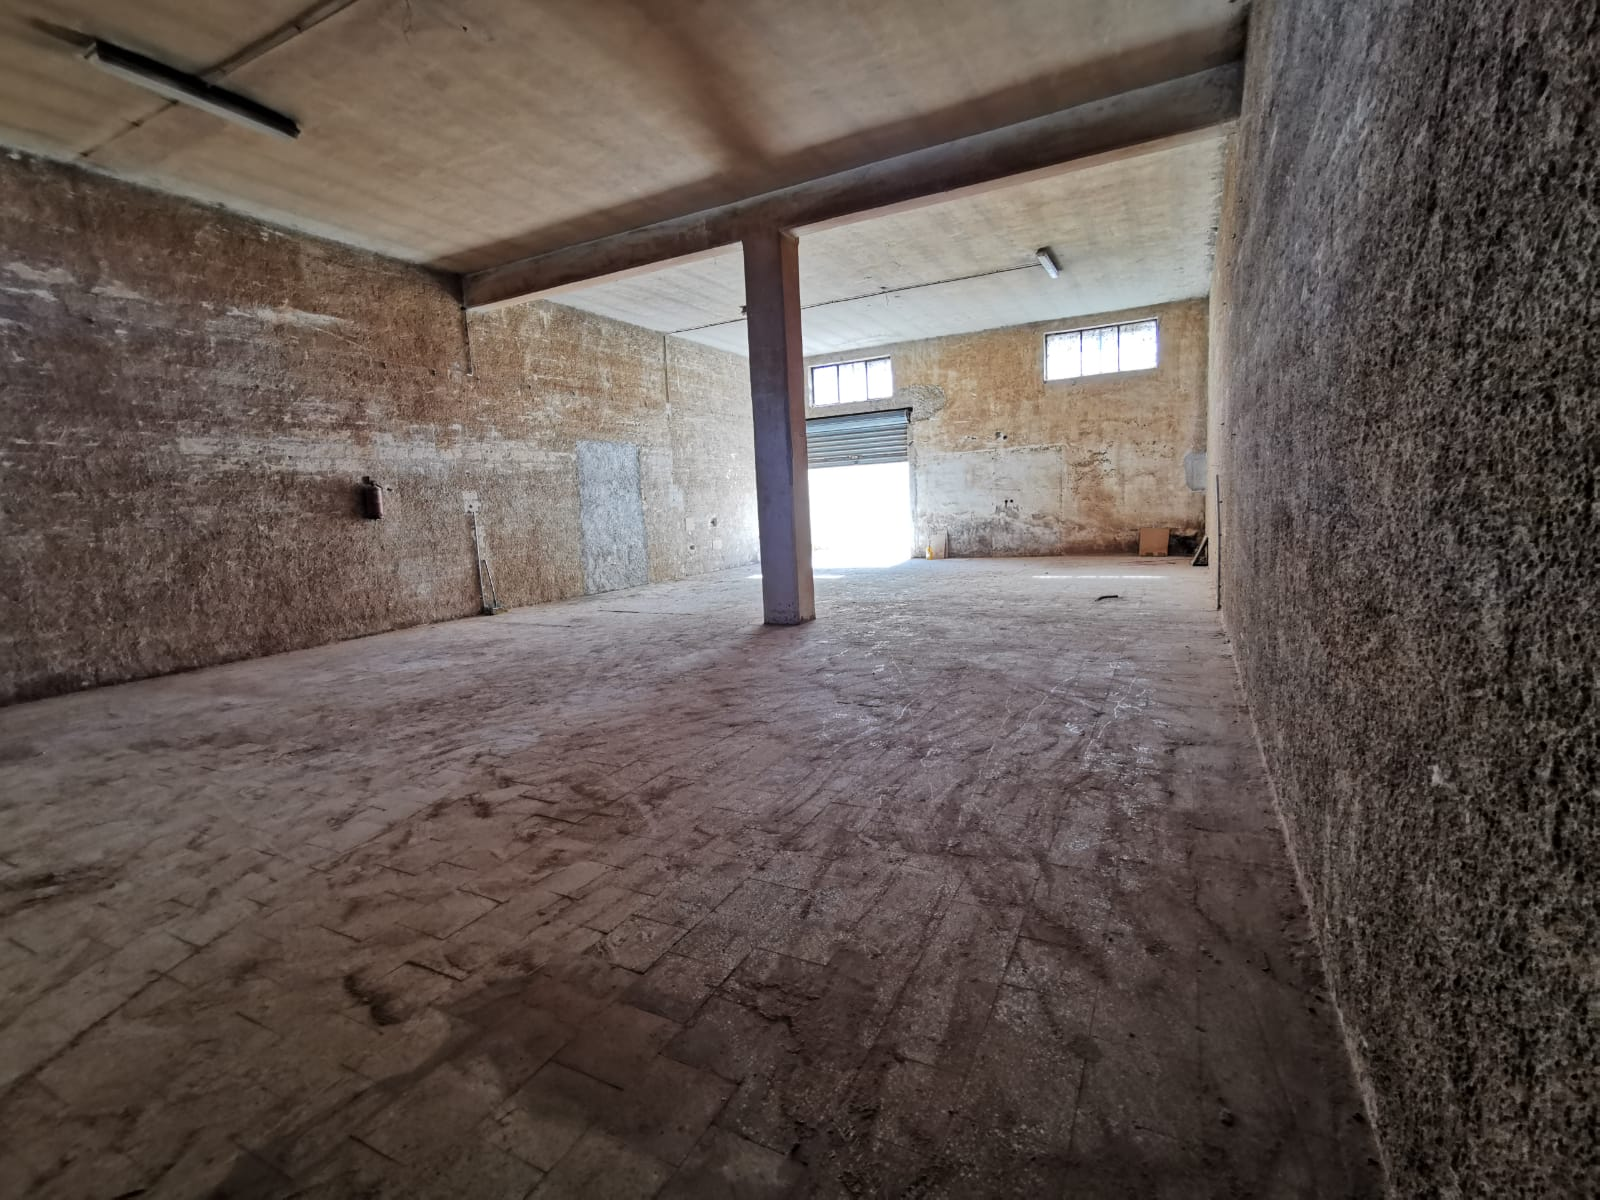 Foto 4 - Laboratorio/magazzino in Vendita a Manfredonia - Viale Padre Pio - Posta del Fosso